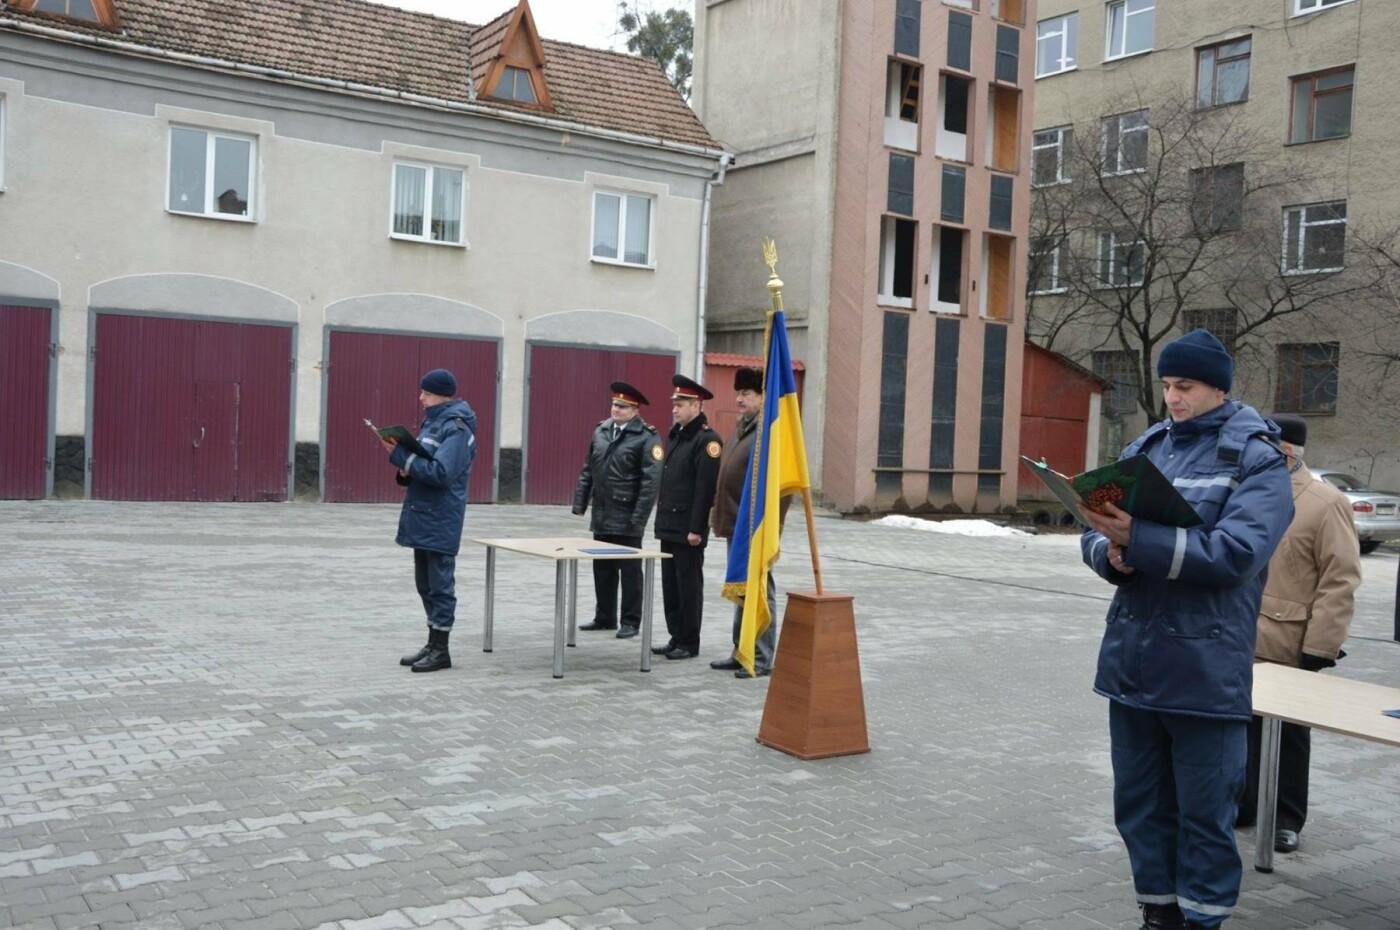 Майбутні спецрятувальники склали присягу на вірність народові України. ФОТО, фото-1